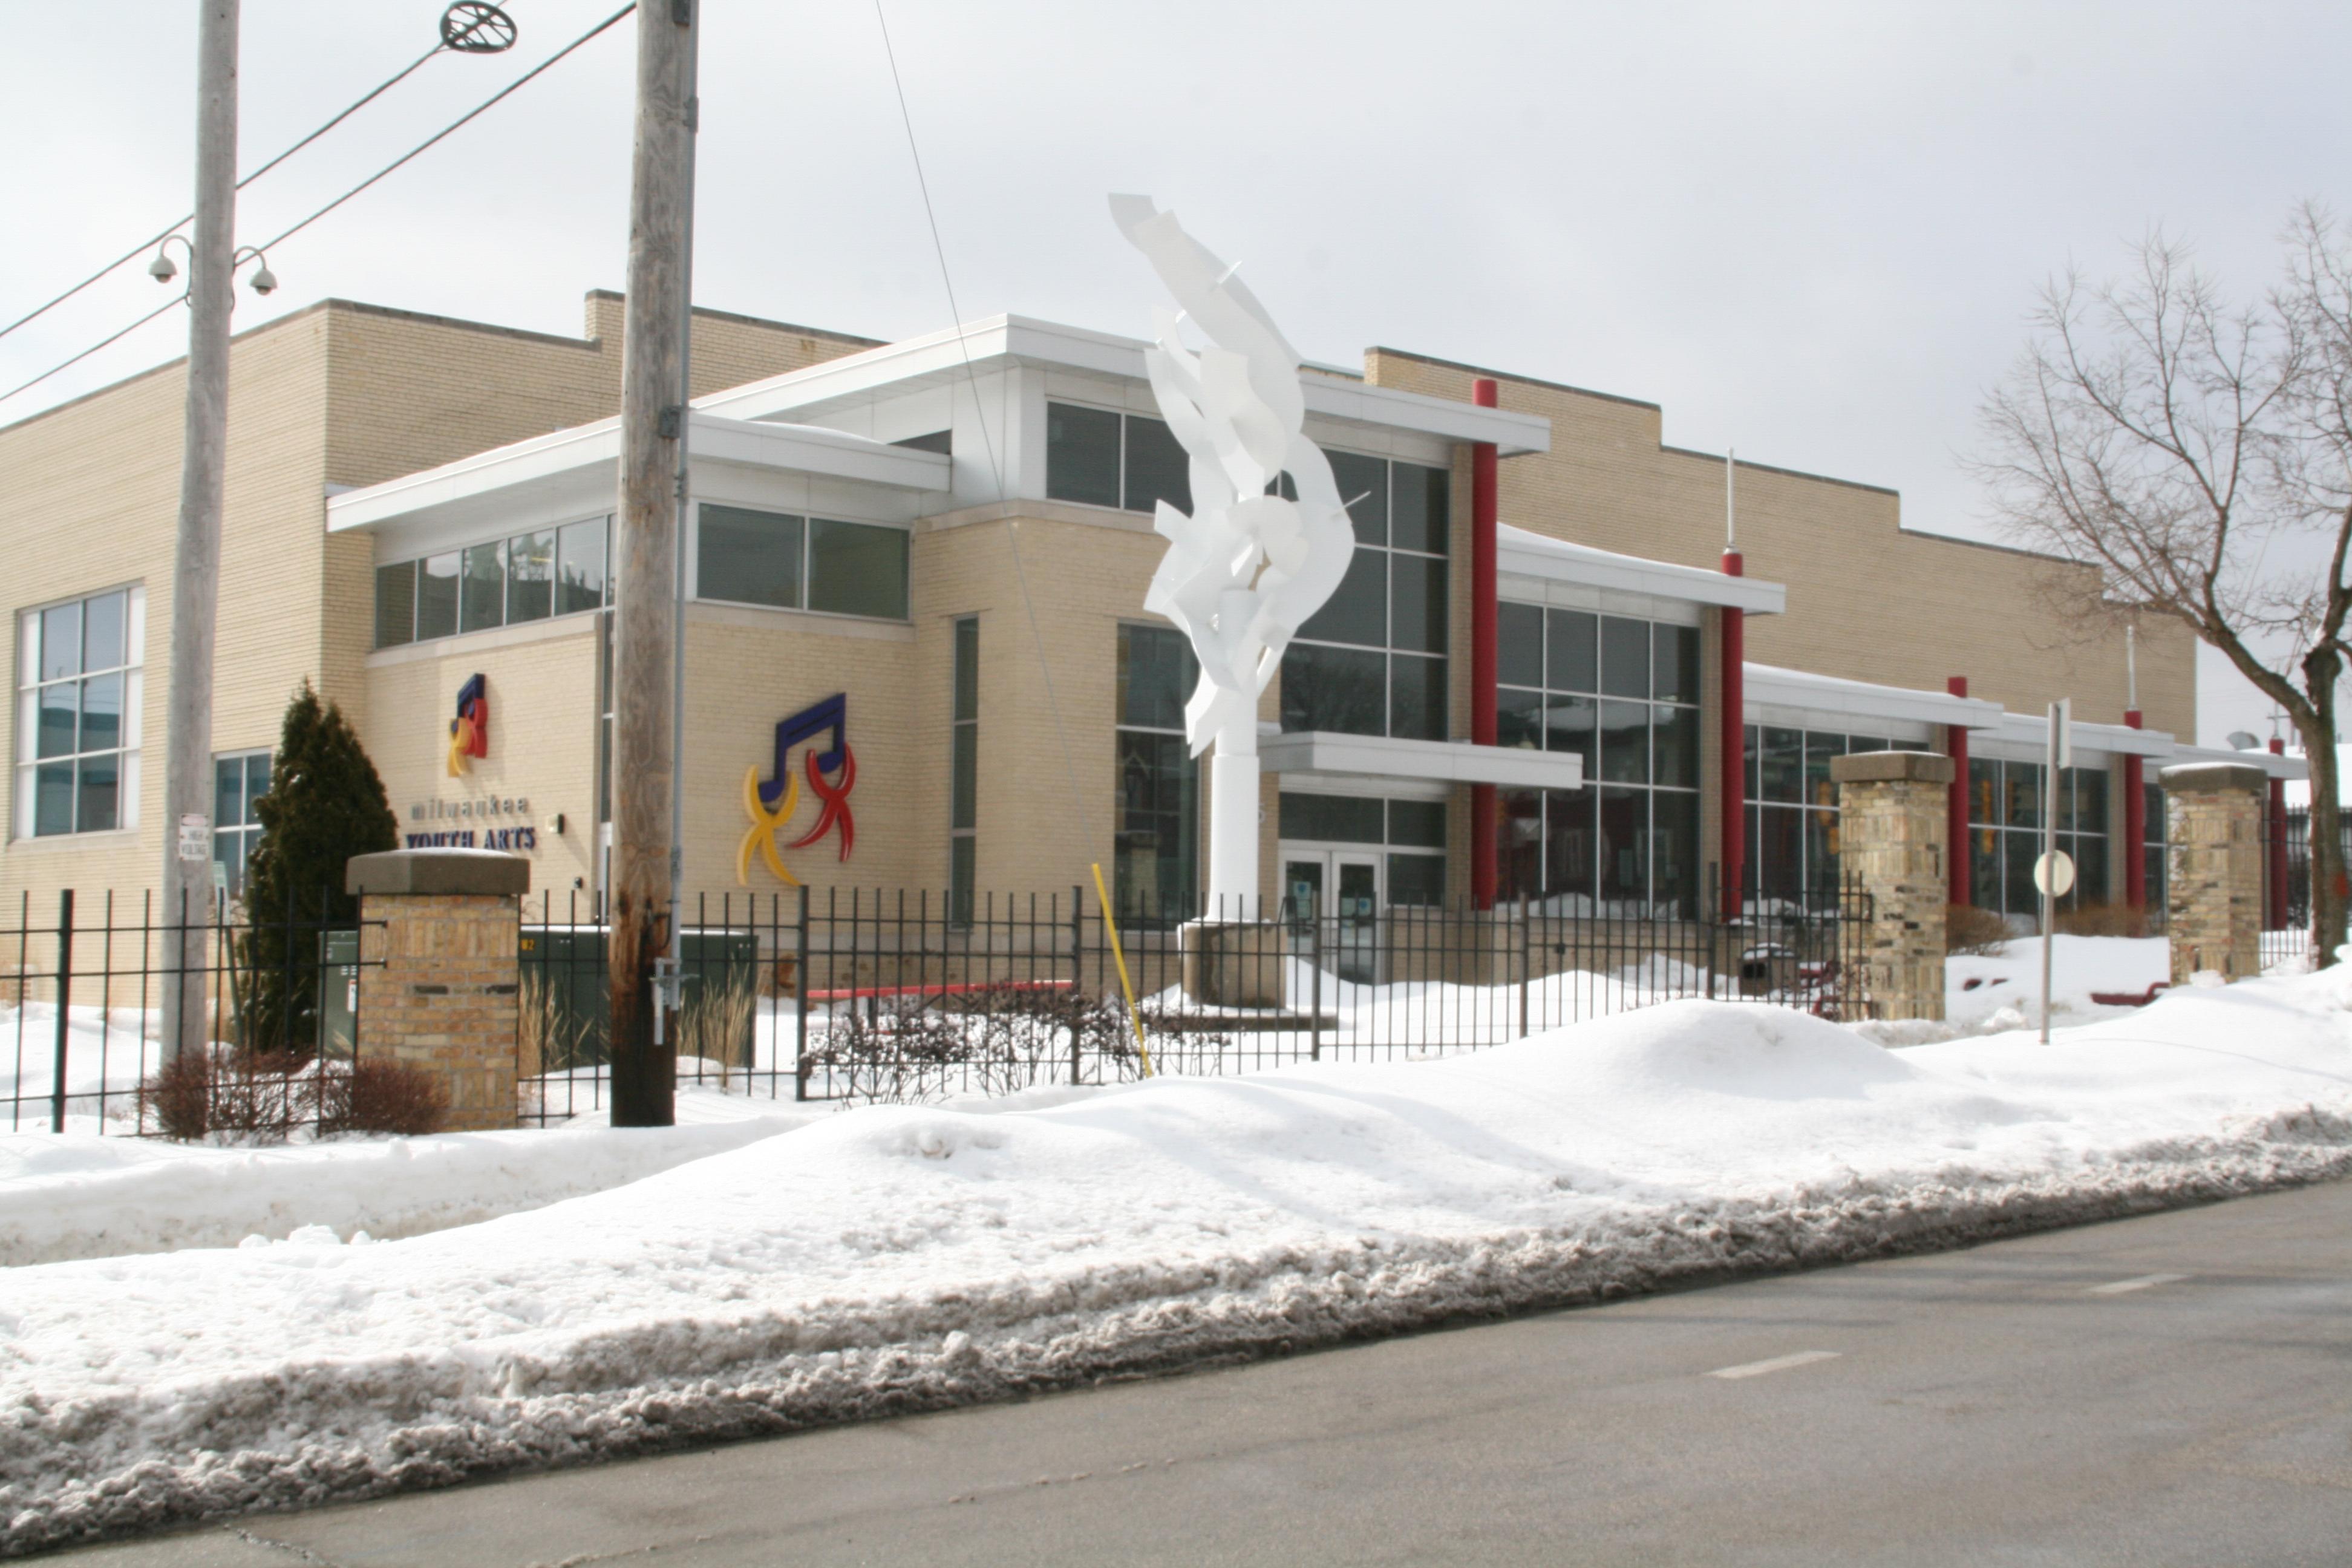 Milwaukee Youth Arts Center, 325 W. Walnut St. Photo by Jeramey Jannene.